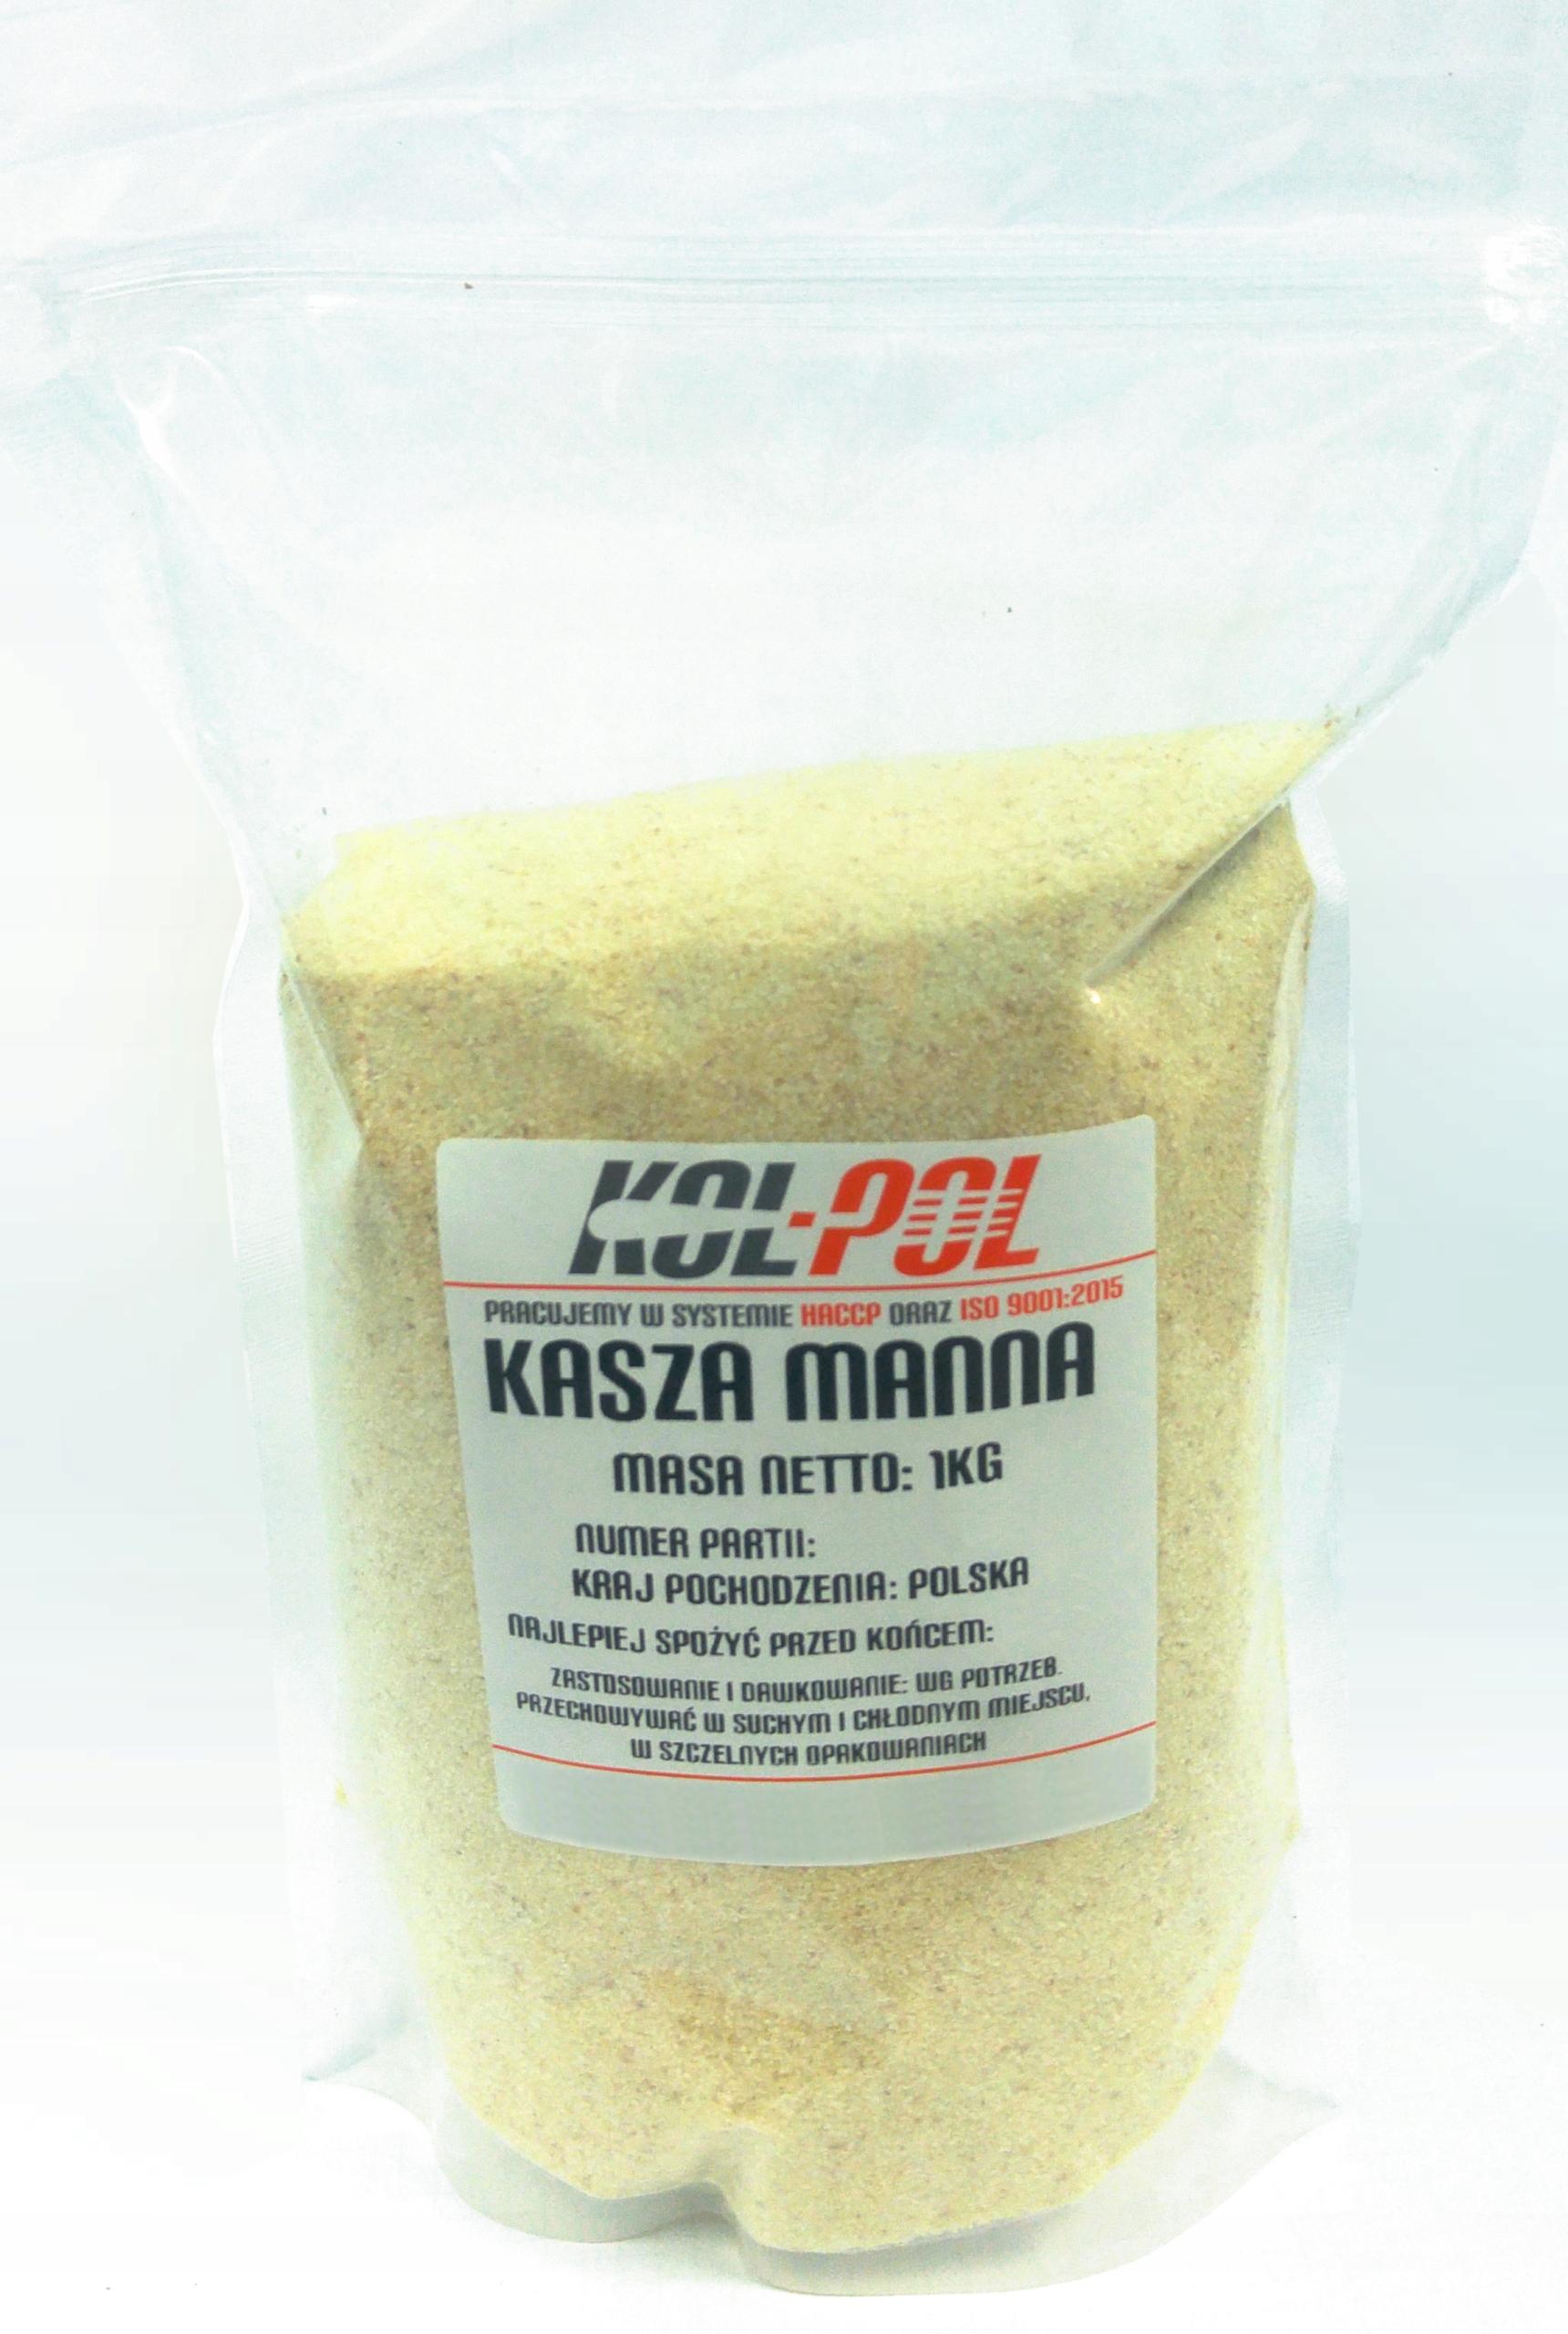 Kasza manna grysik 1kg 1000g JAKOŚĆ